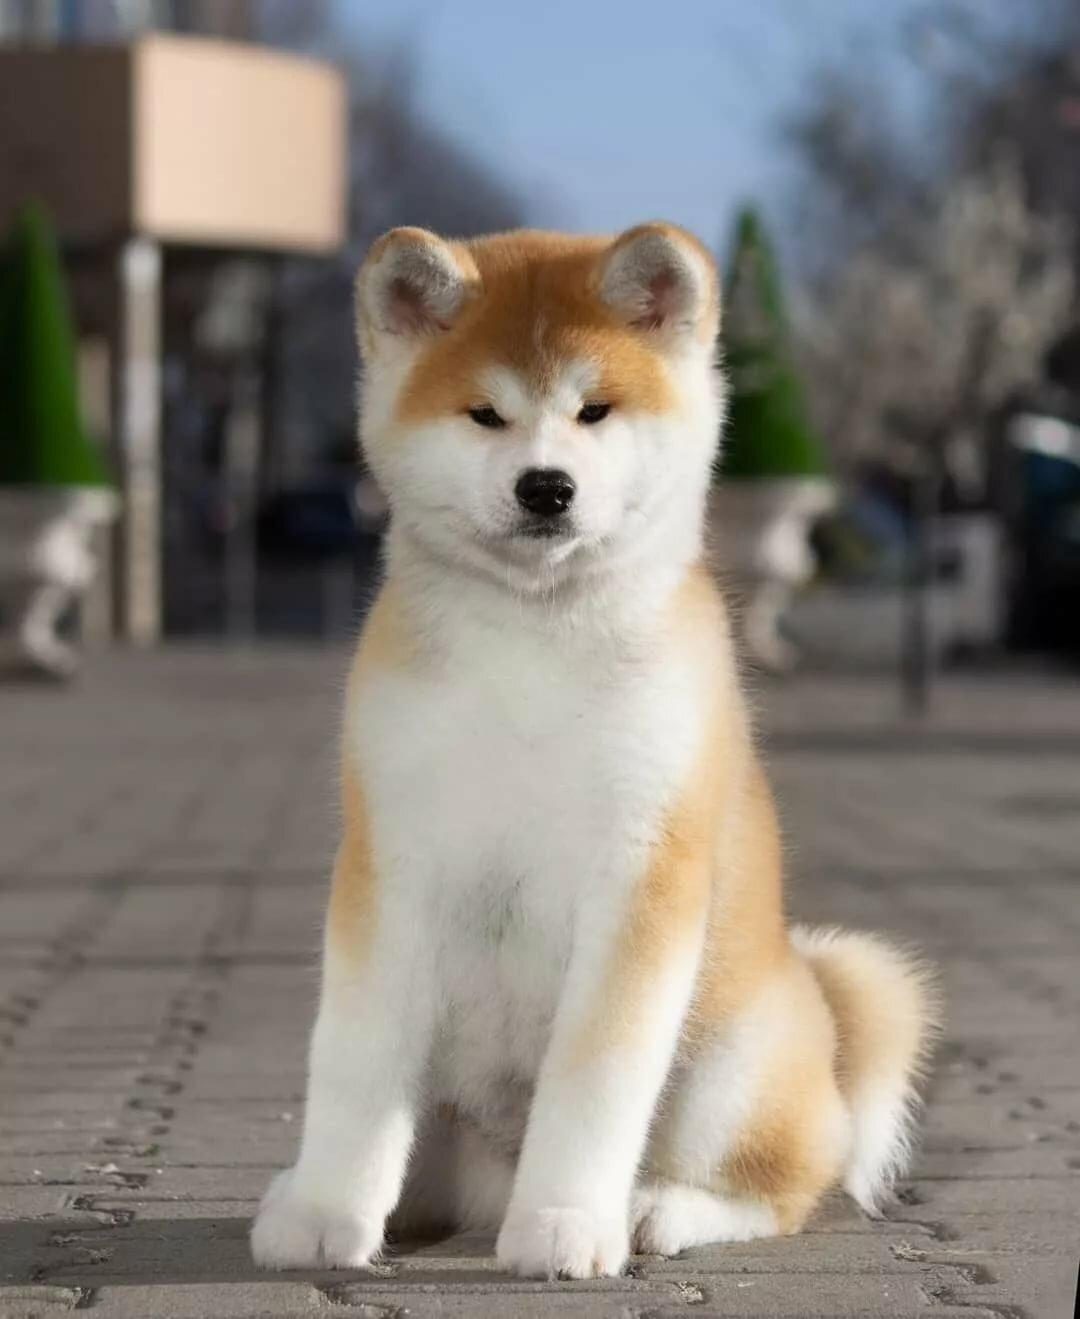 акита щенок картинка повышение